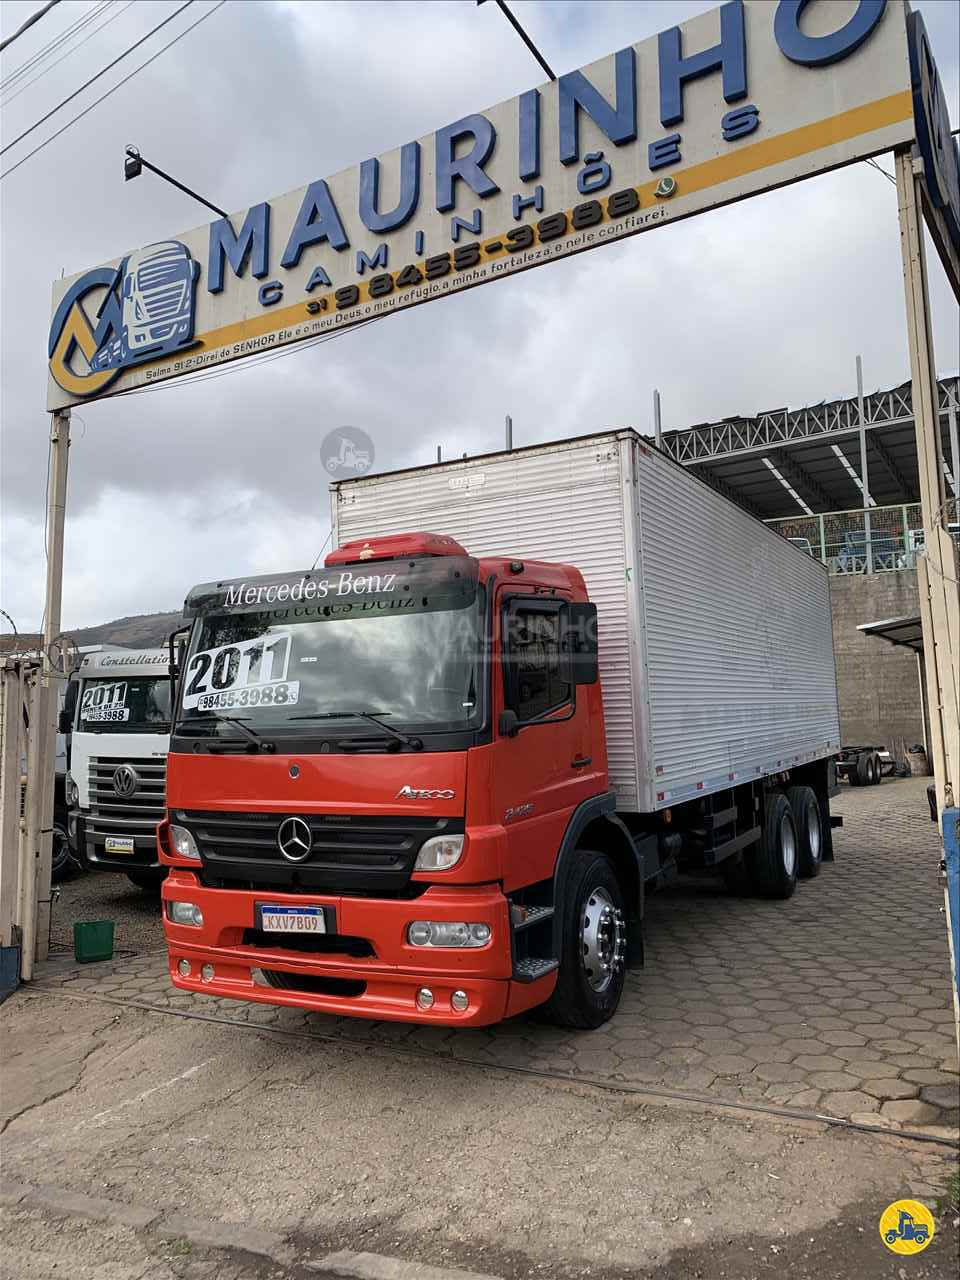 CAMINHAO MERCEDES-BENZ MB 2425 Baú Furgão Truck 6x2 Maurinho Caminhões JOAO MONLEVADE MINAS GERAIS MG